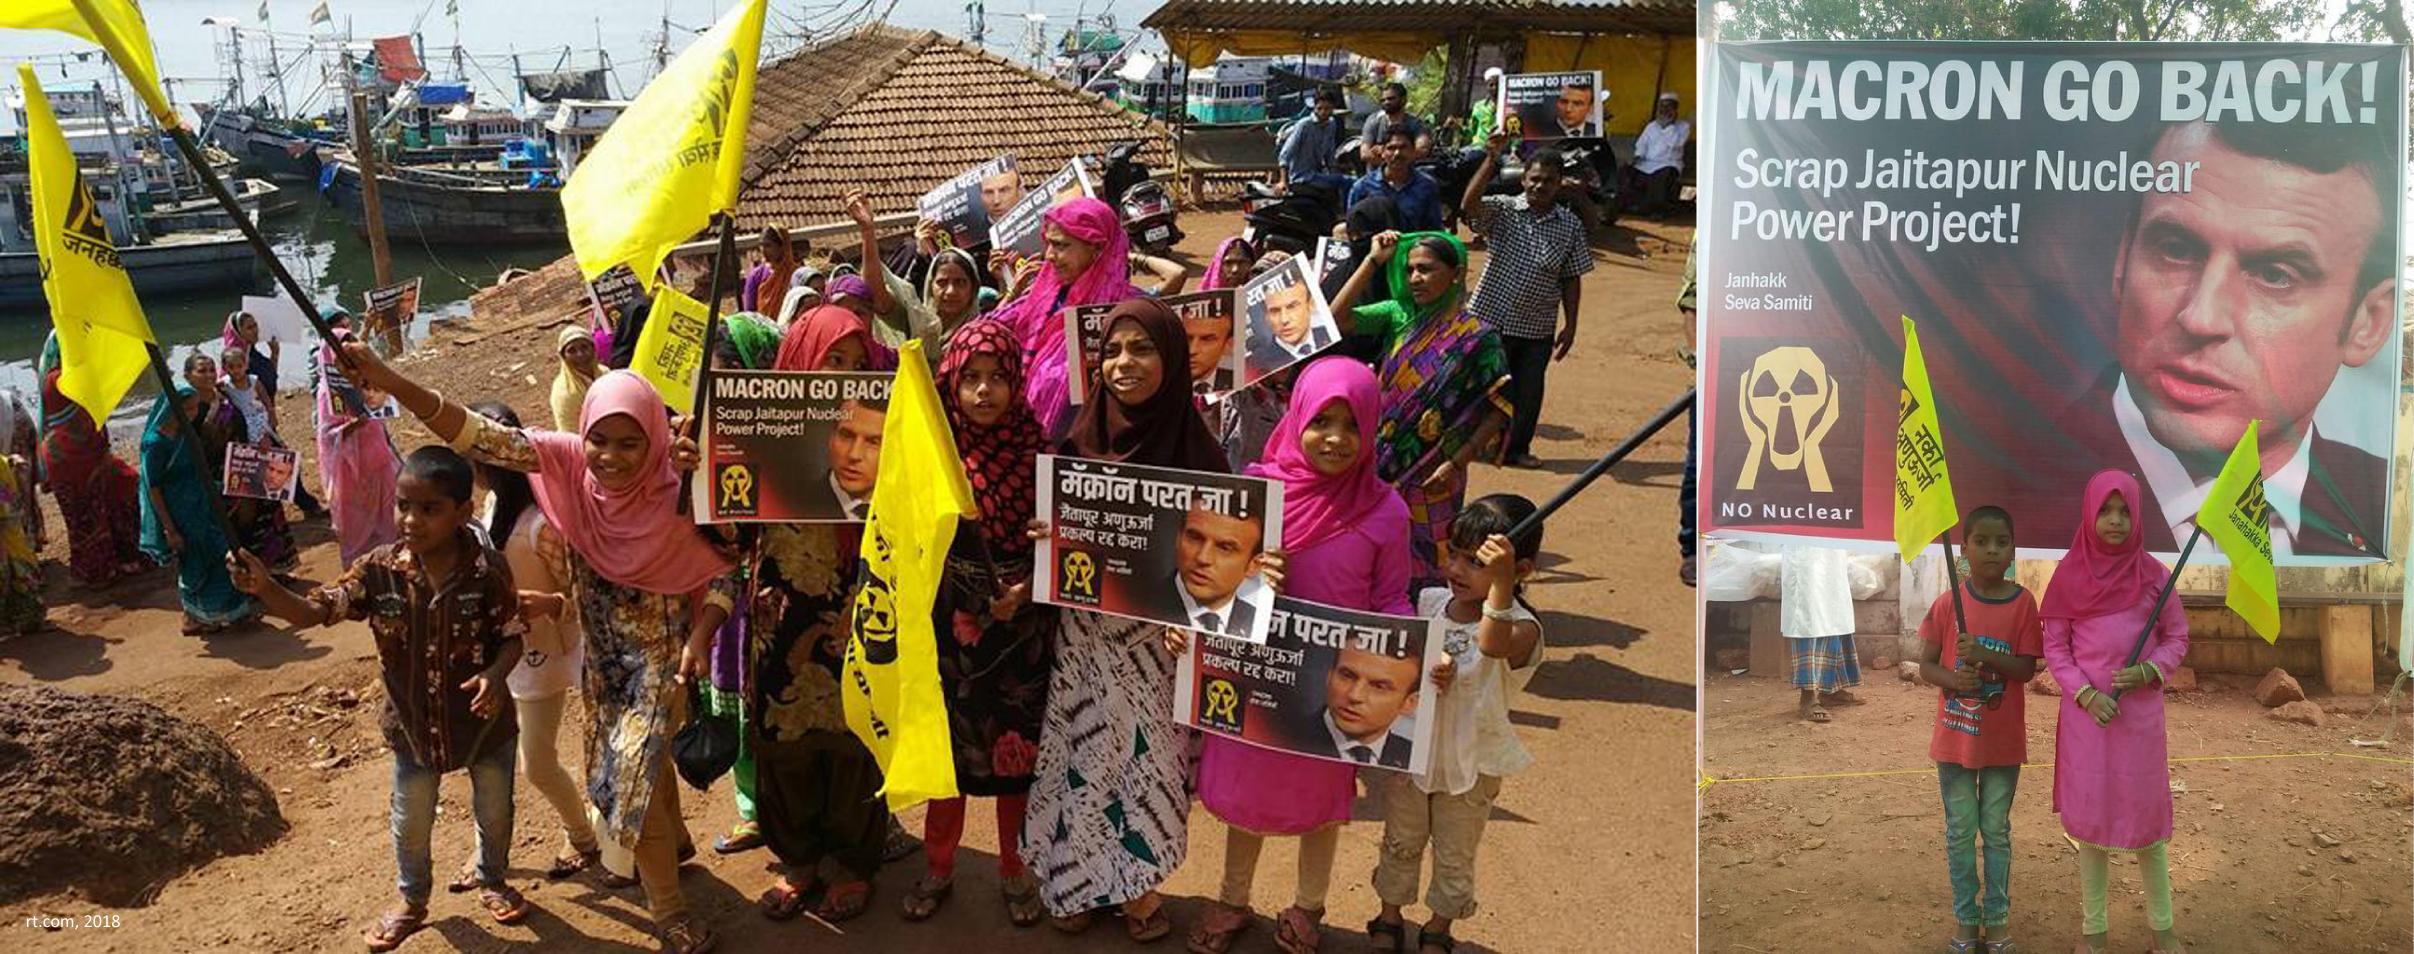 Enfants et adultes indiens opposés au projet local de centrale nucléaire promu par Emmanuel Macron